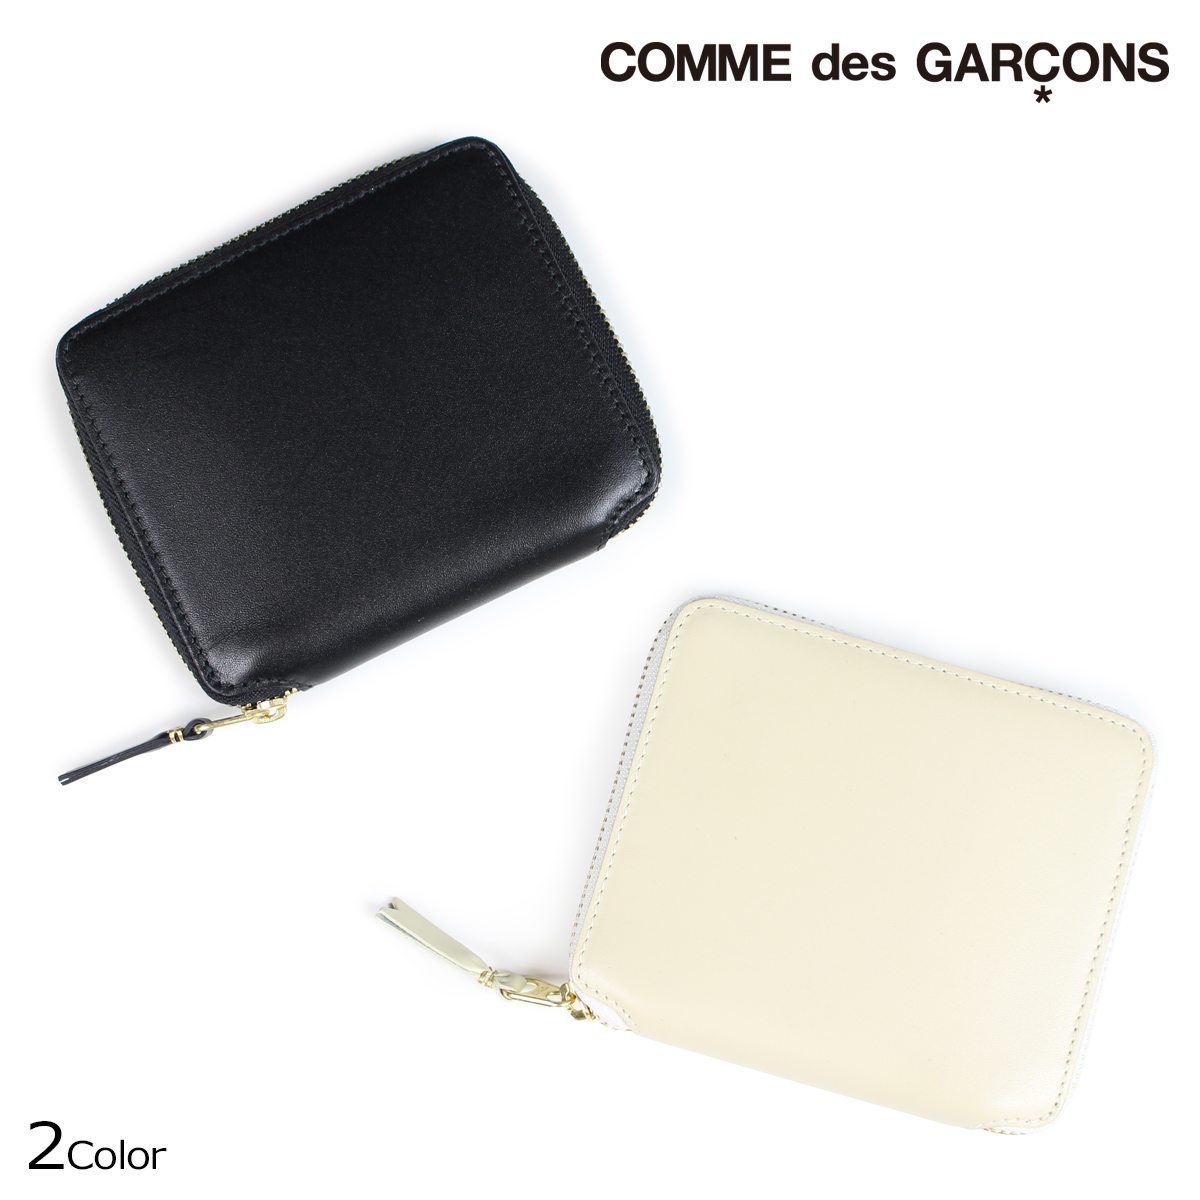 コムデギャルソン COMME des GARCONS 財布 二つ折り メンズ レディース ラウンドファスナー ブラック オフ ホワイト 黒 白 SA2100 [9/9 追加入荷]